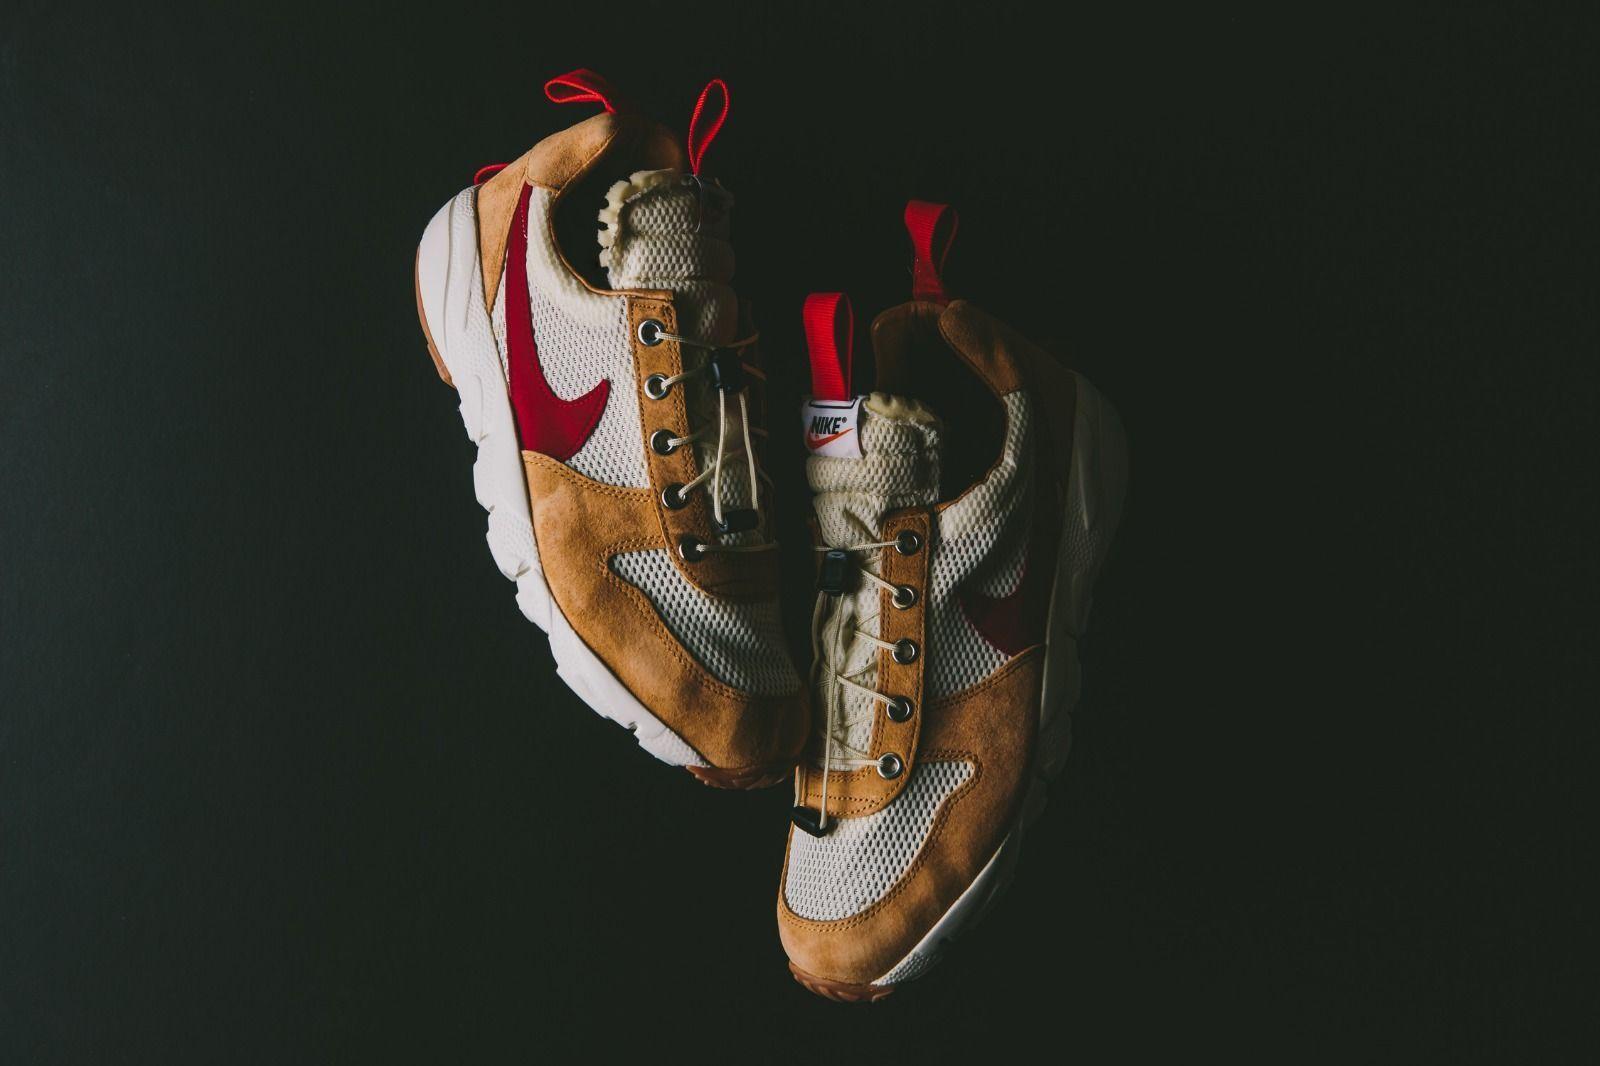 Nike Air Mars Yard 2.0 Footscape Hybrid/Air Jordan 3 Mars Yard Overshoe 'Fireproof' bespokeind